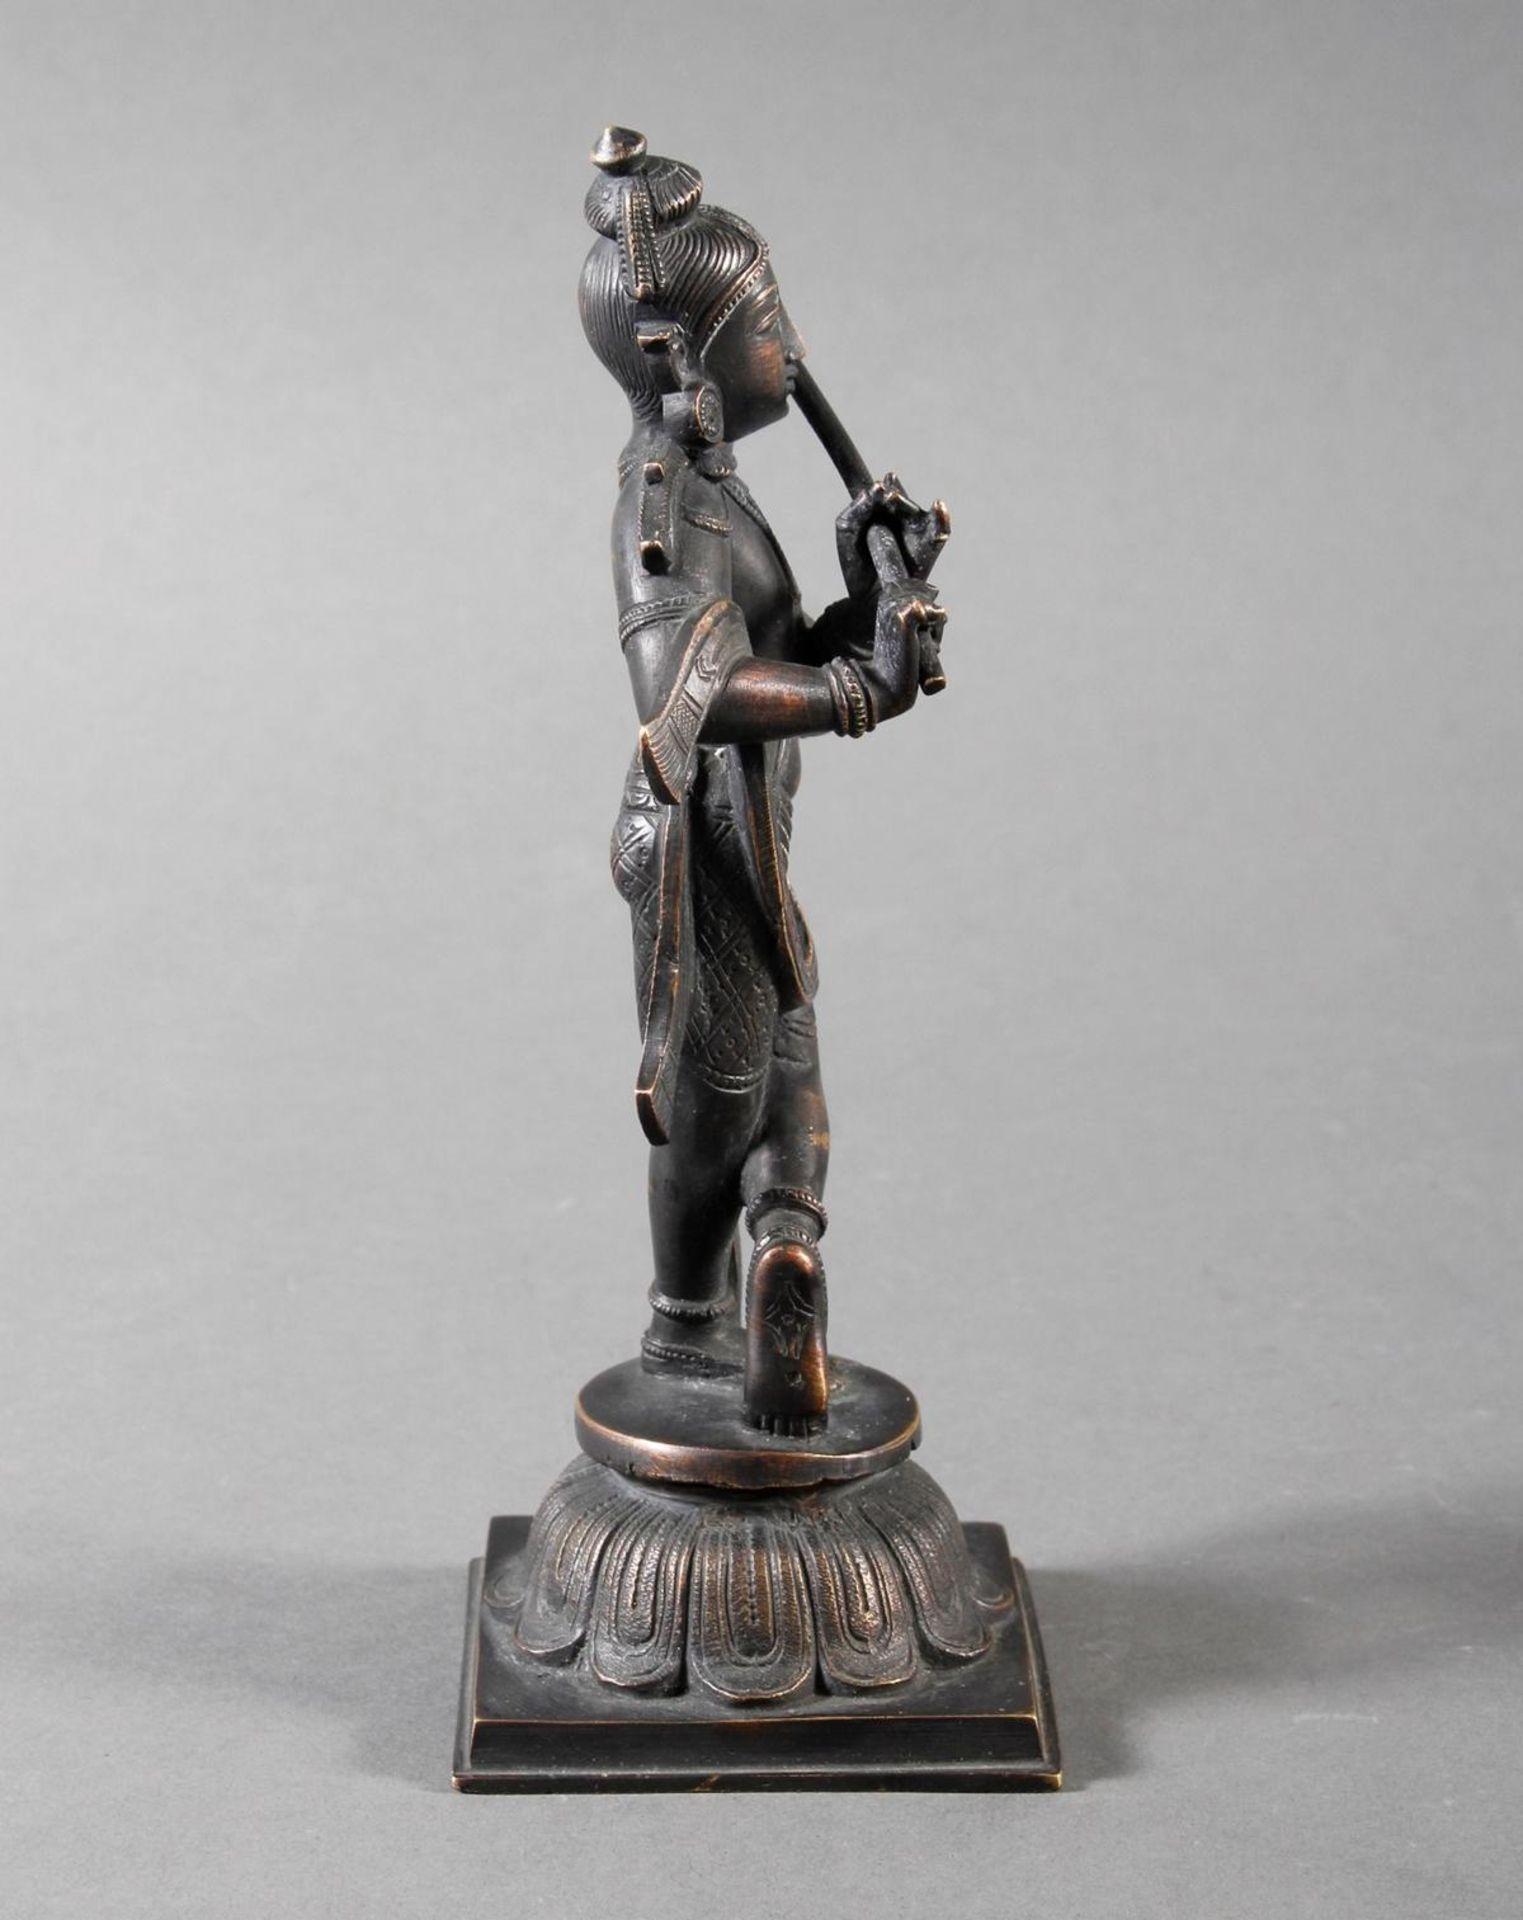 Flötespielende Göttheit auf einem Lotospodest stehend Indien 19. / 20. Jahrhundert - Bild 4 aus 8